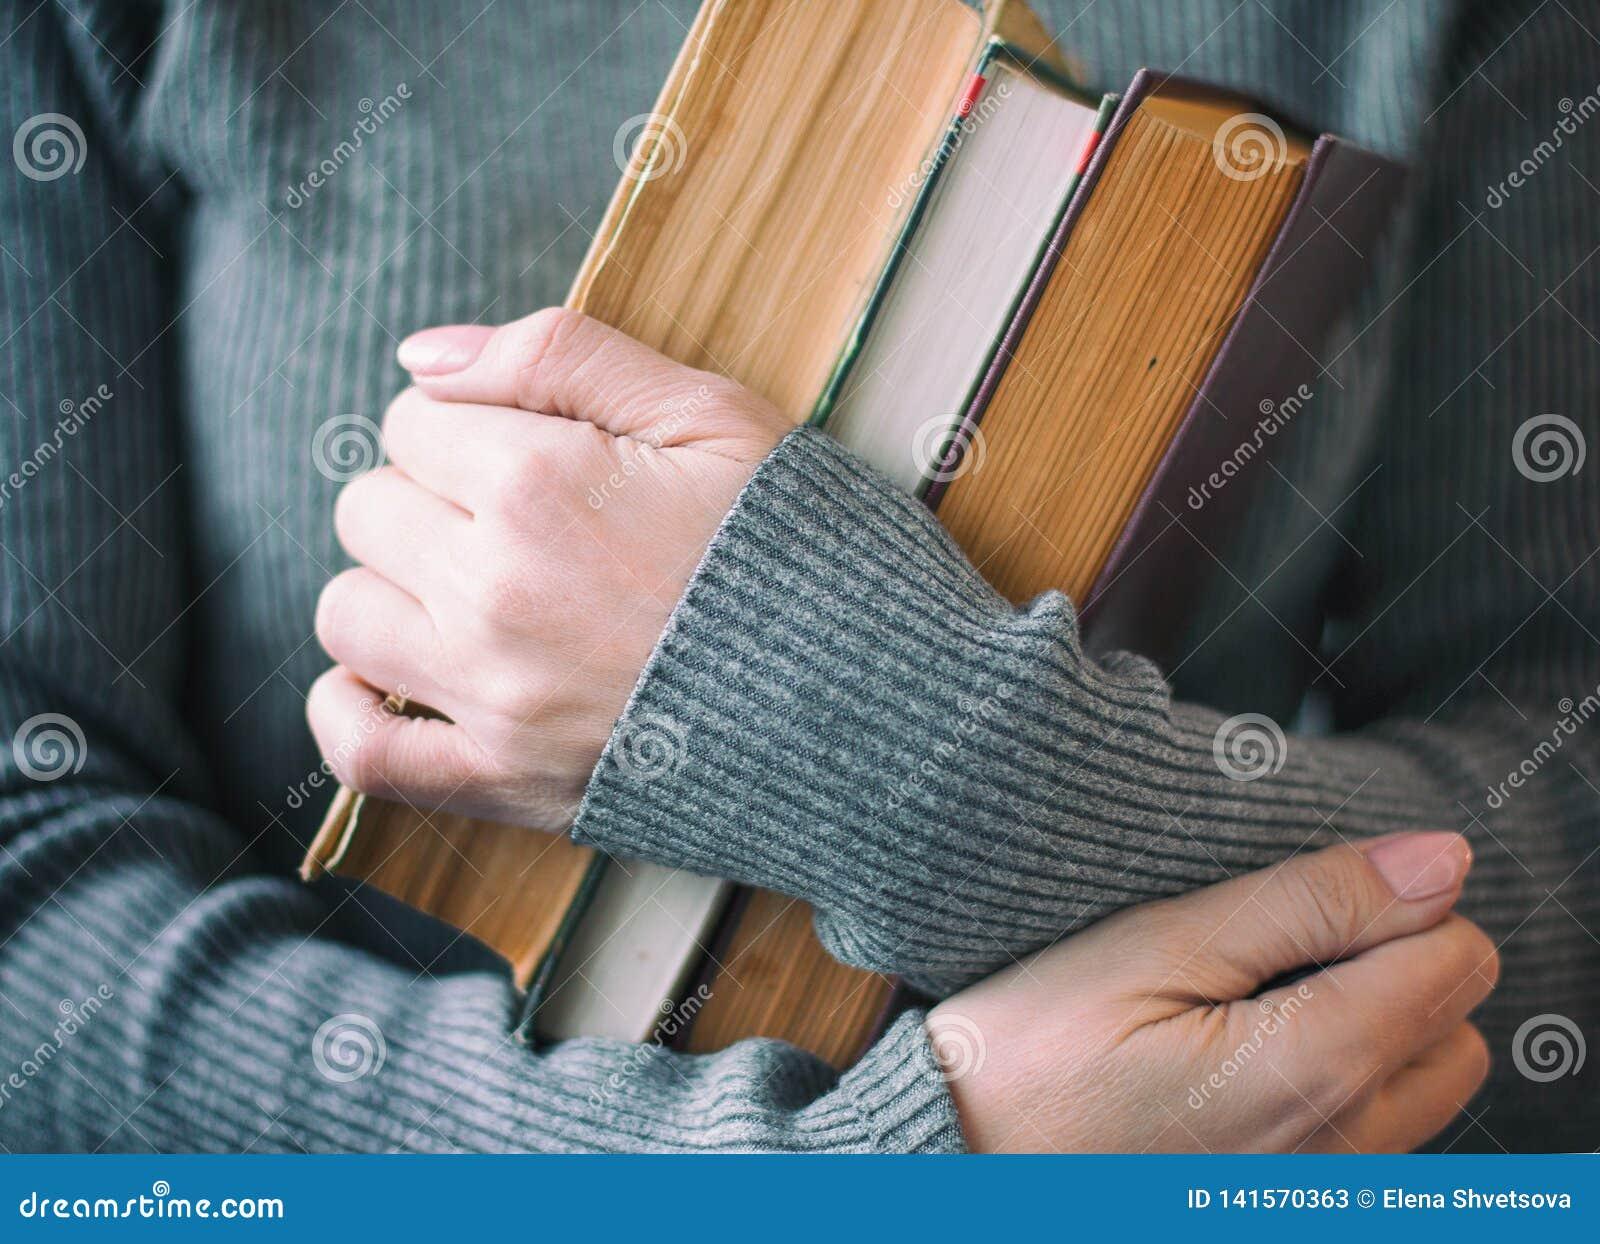 La mujer en ropa gris sostiene tres libros a disposición